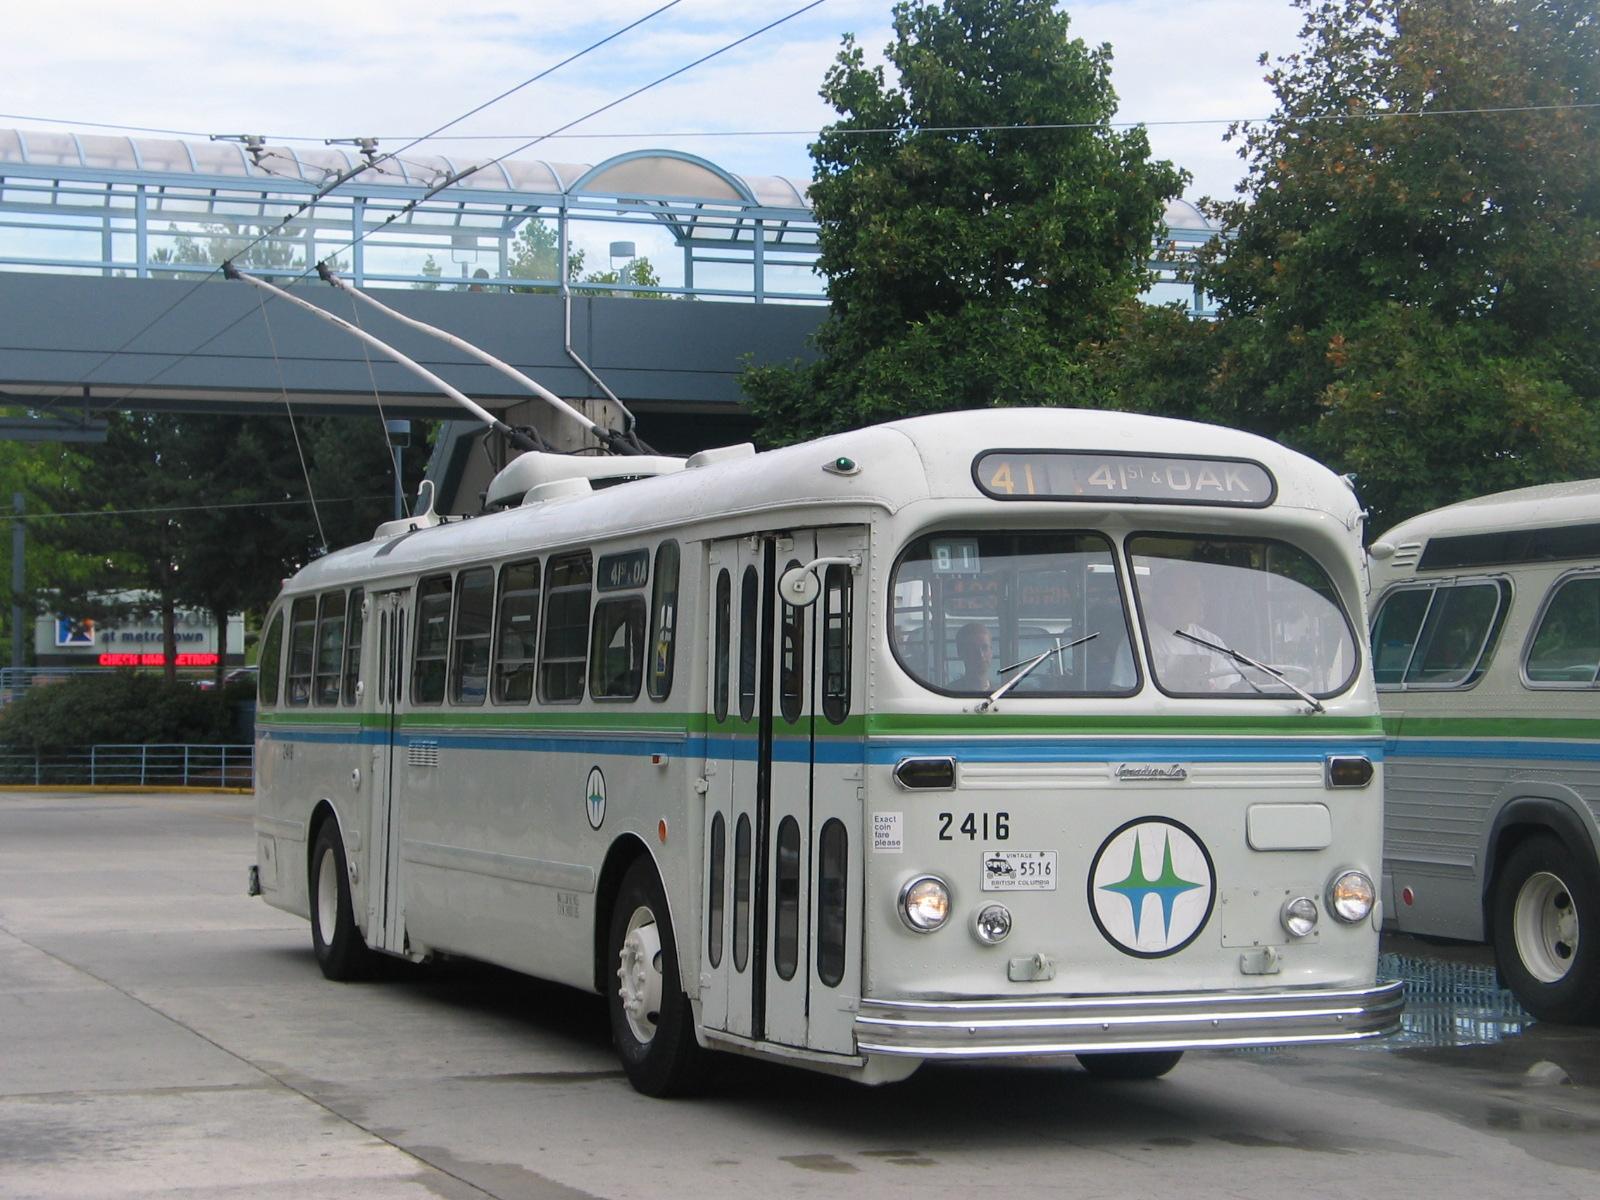 Van-2416-Metrotown-1.